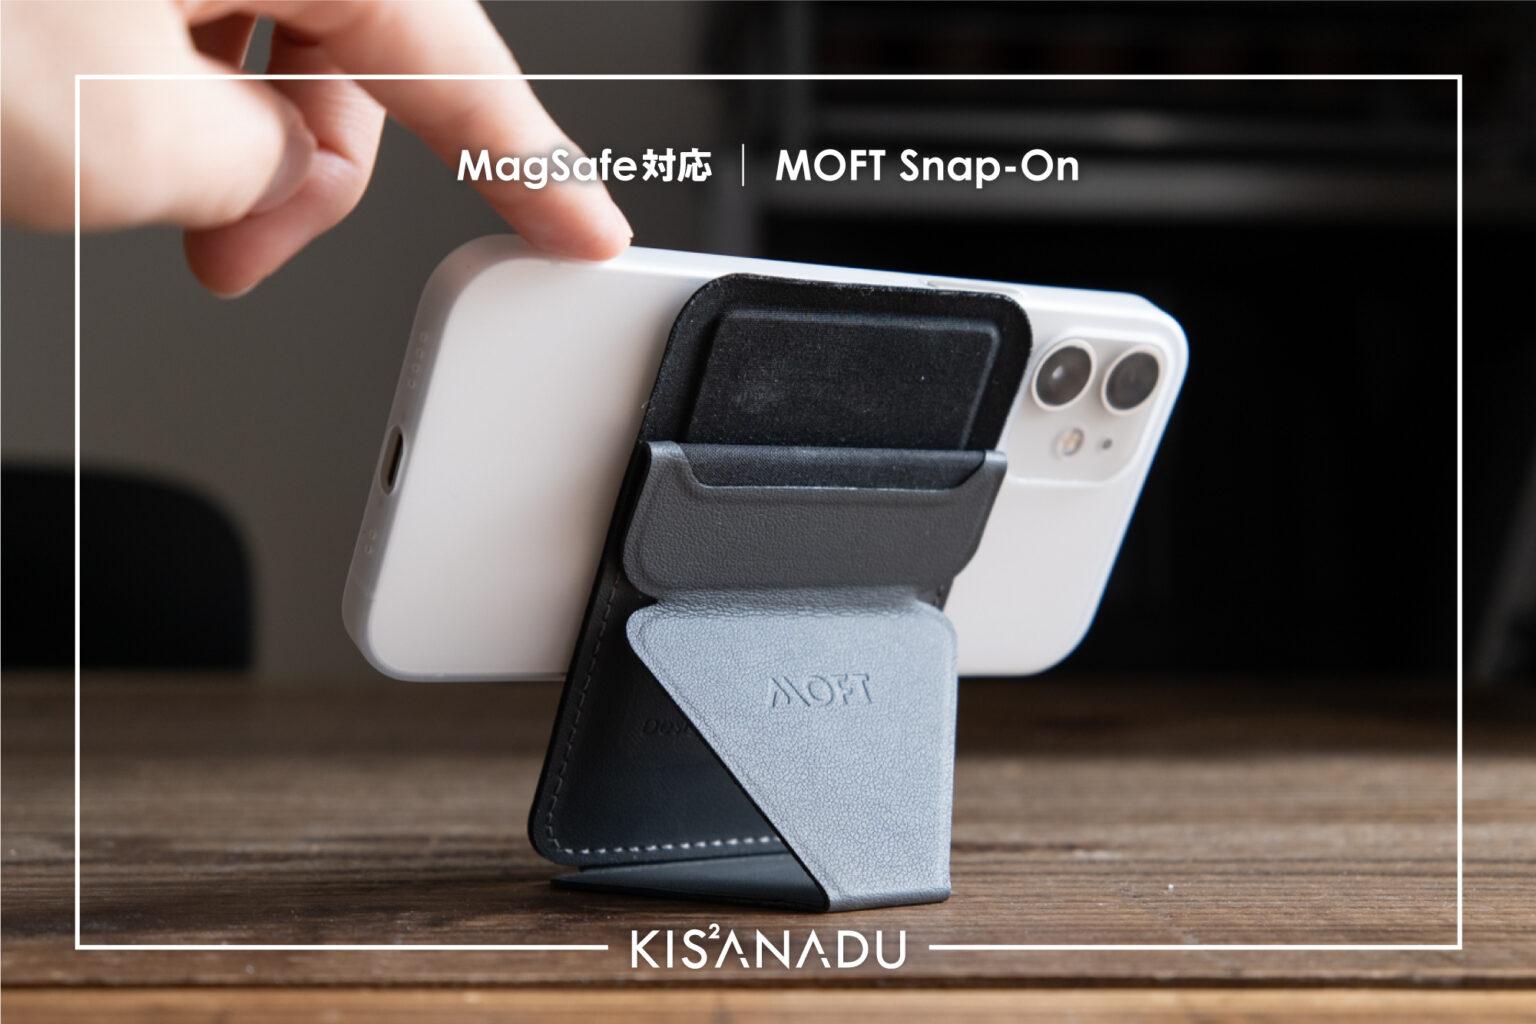 MOFT Snap-On magsafe対応 レビュー